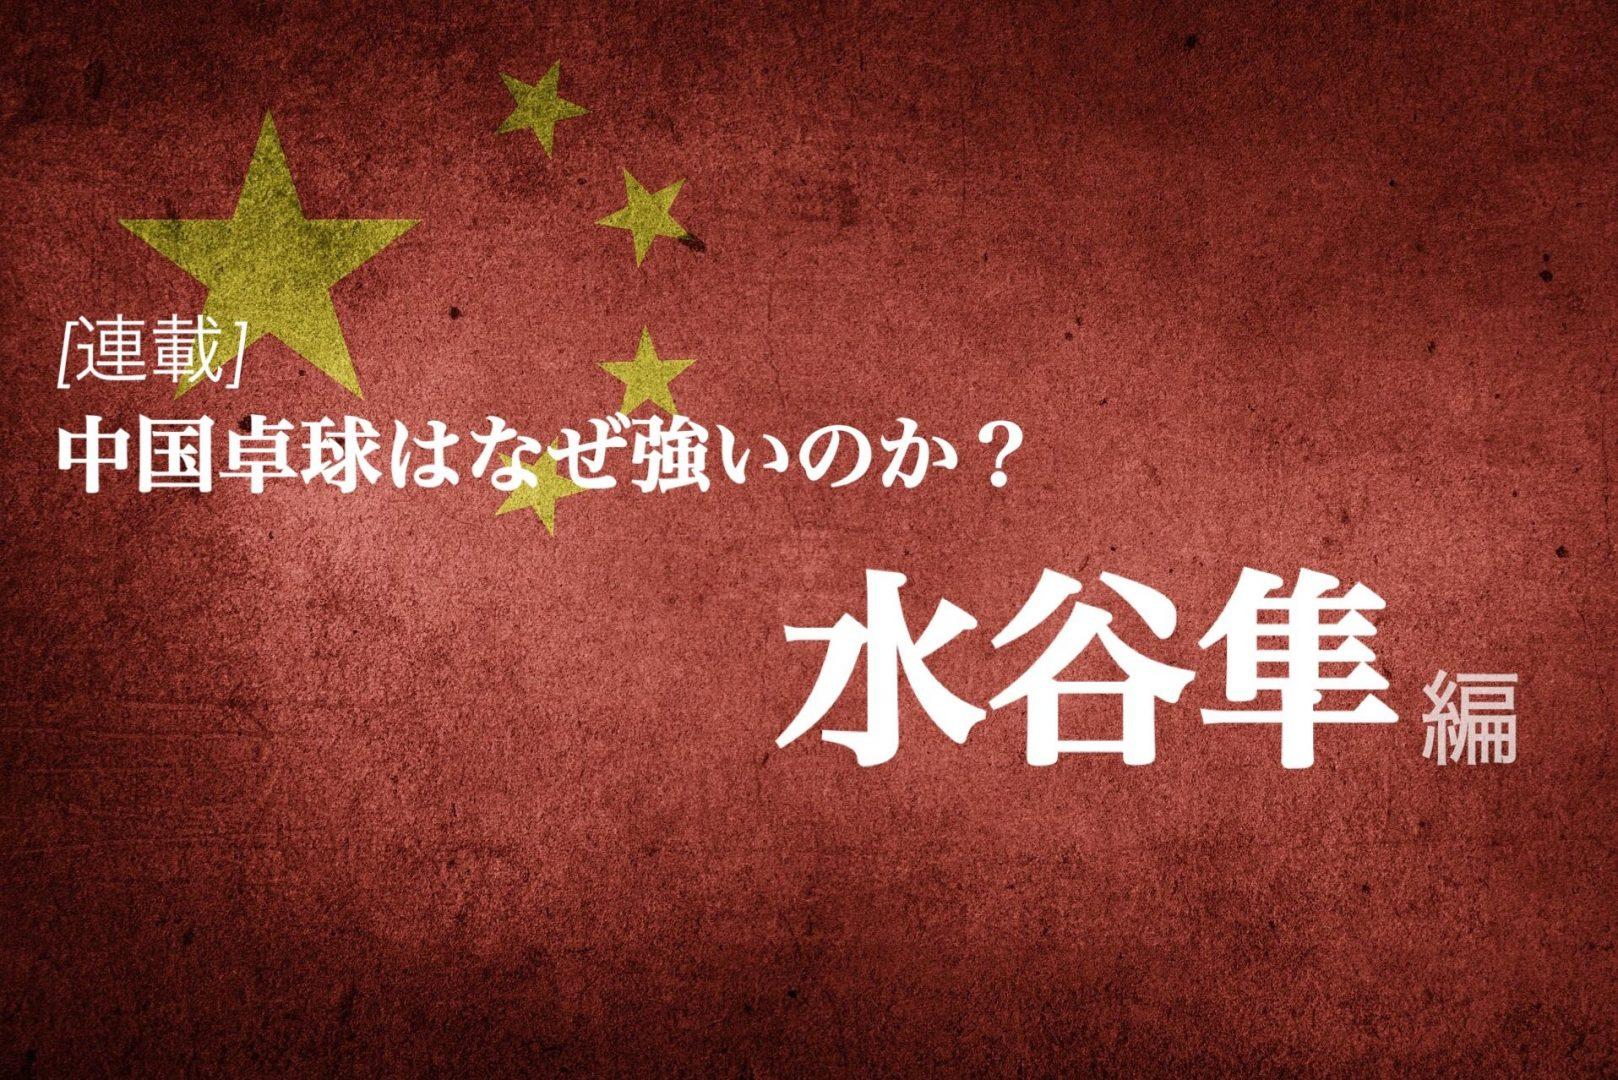 なぜ中国は卓球が強いのか?<Vol1.水谷隼>